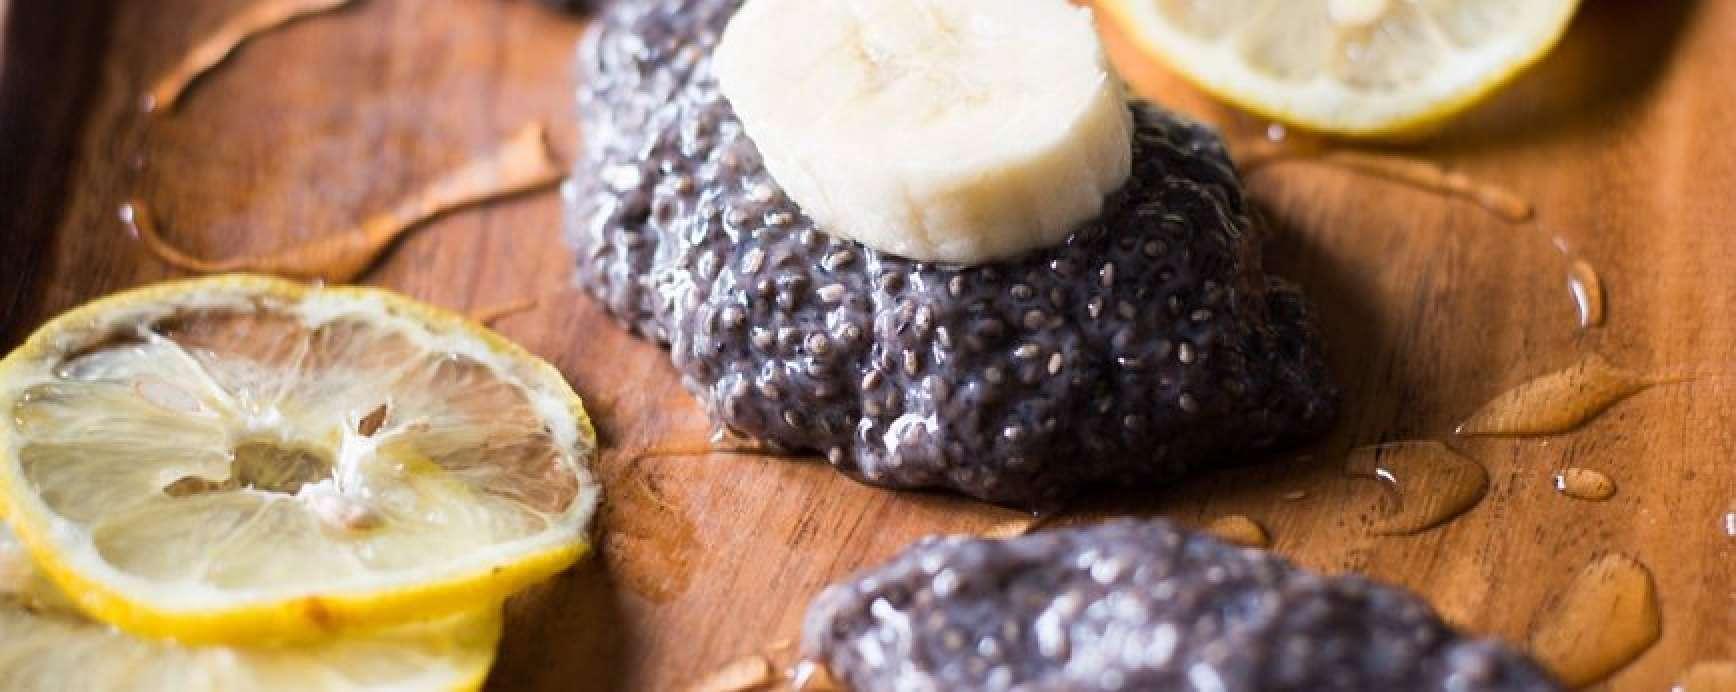 Délicieux pouding au cacao au lait d'amande végétarien avec banane et graines de chia servi sur un plateau avec des tranches de citron et des tranches de banane.